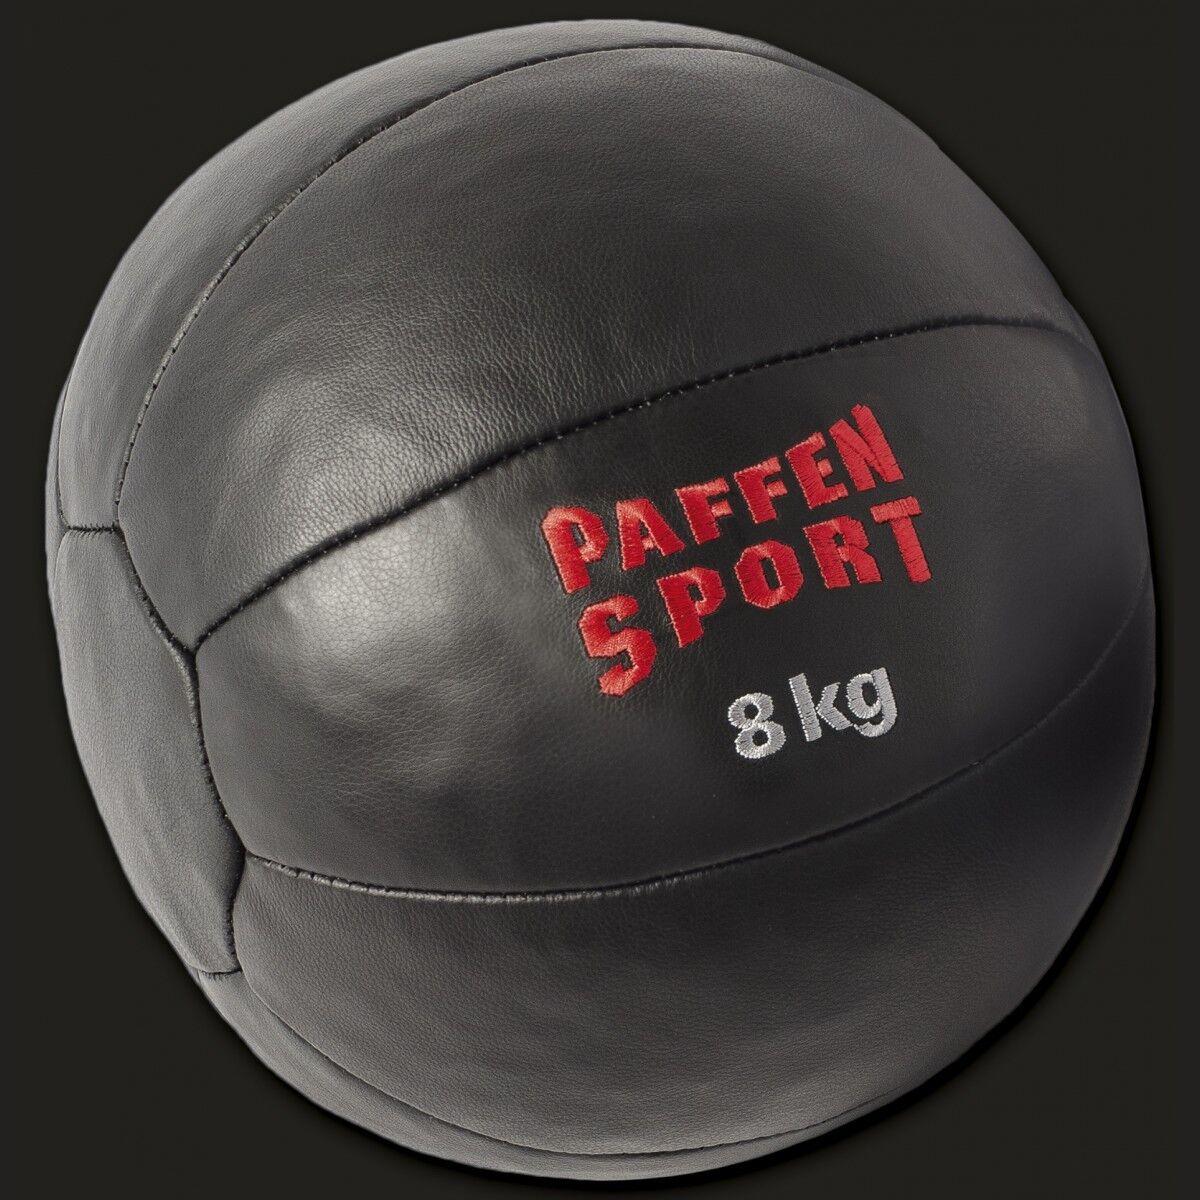 Star Medizinball von Paffen Sport in 8Kg. Fitness, Kampfsport, Boxen, MMA